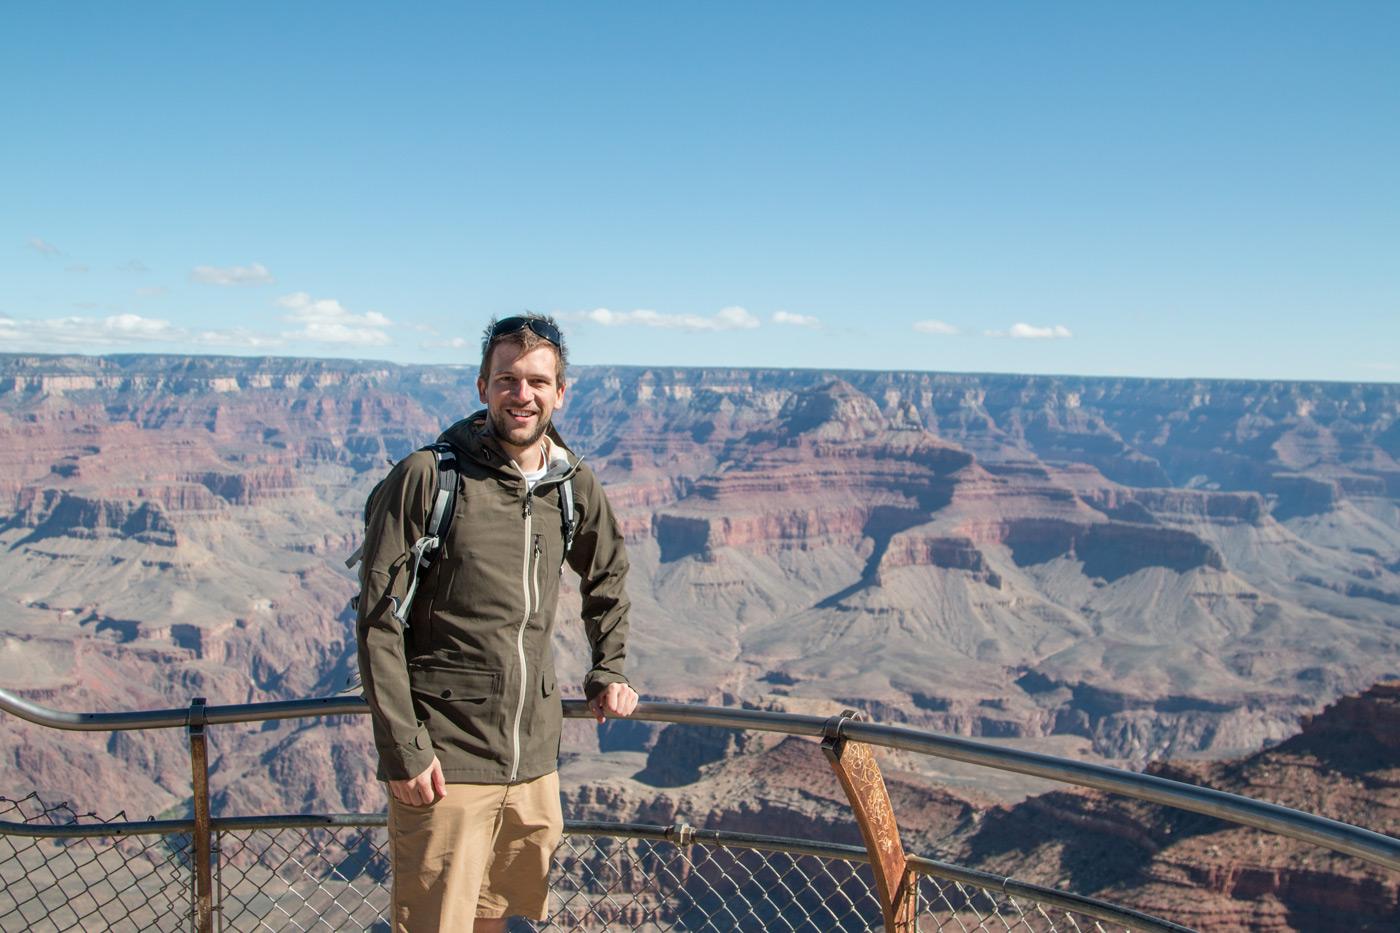 Me at Grand Canyon South Rim